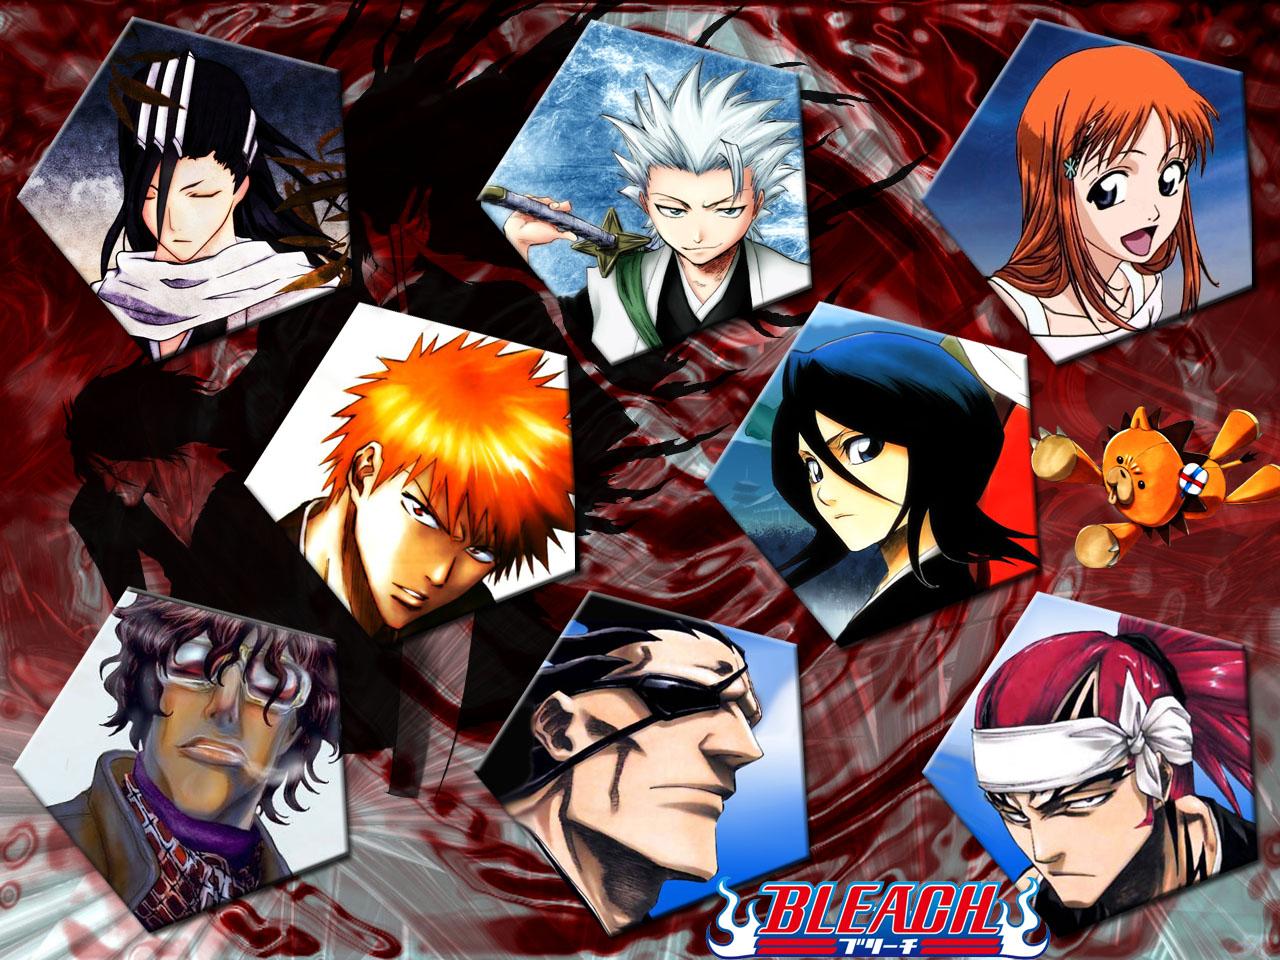 imagens para celular de animes - Papel de Parede Anime e Mangá